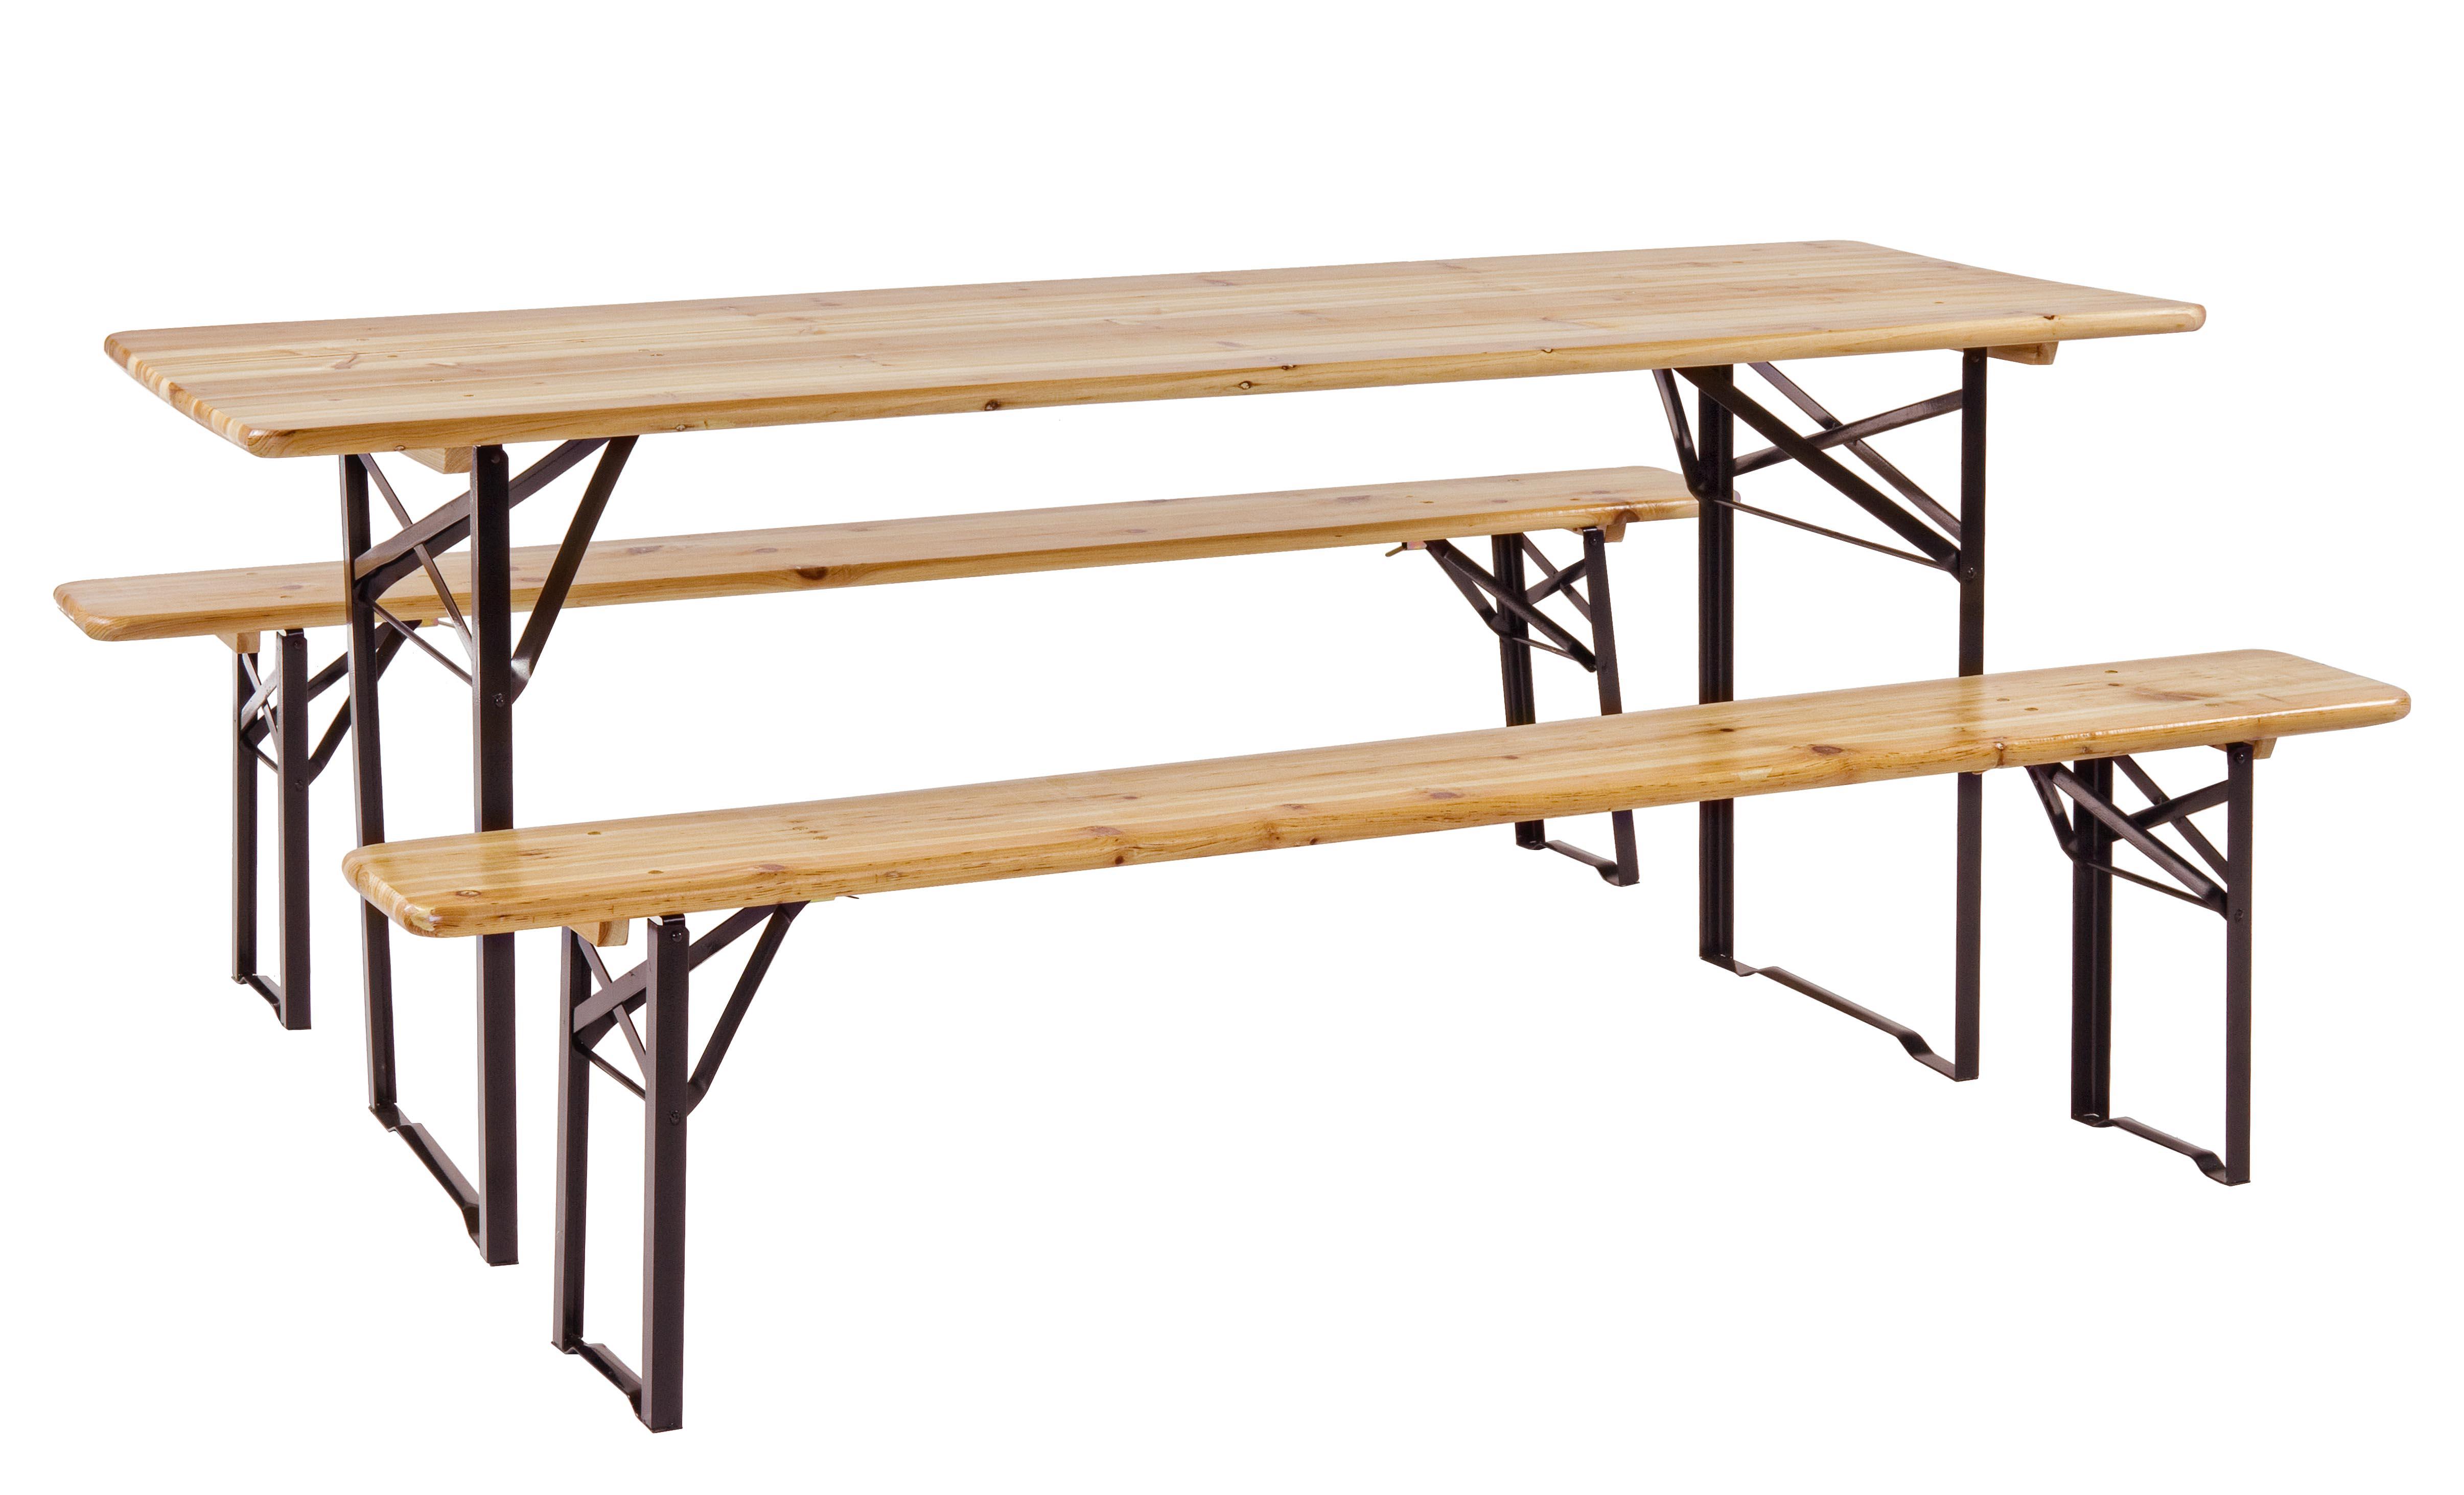 Tavolo Birreria Ikea.Dettagli Su Set Tavolo Birreria In Legno 200x70 Pieghevole Esterno Giardino Picnic 2 Panche